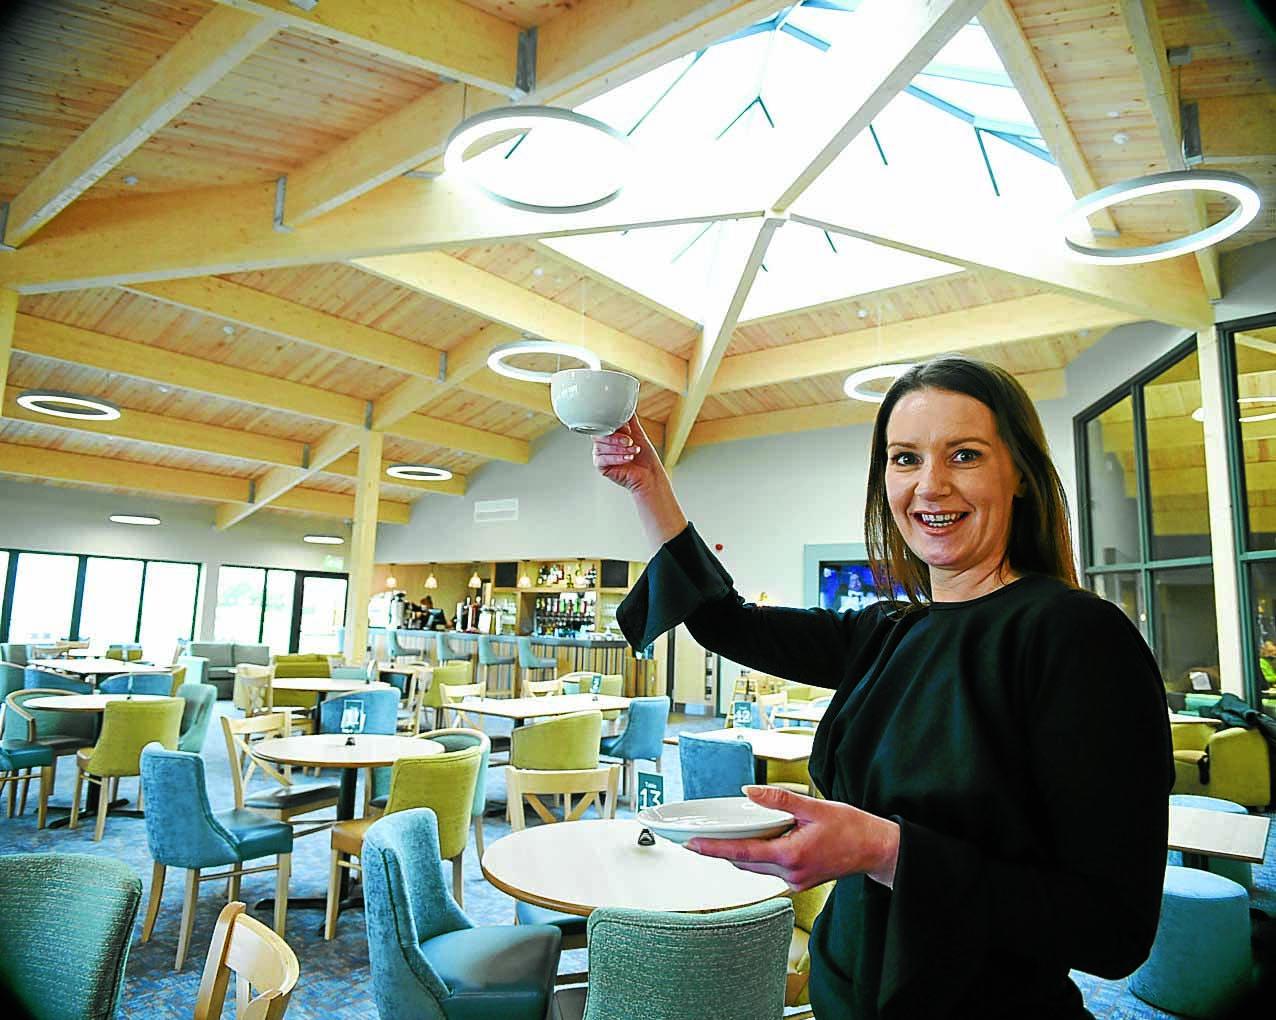 New village bistro serves up 20 jobs